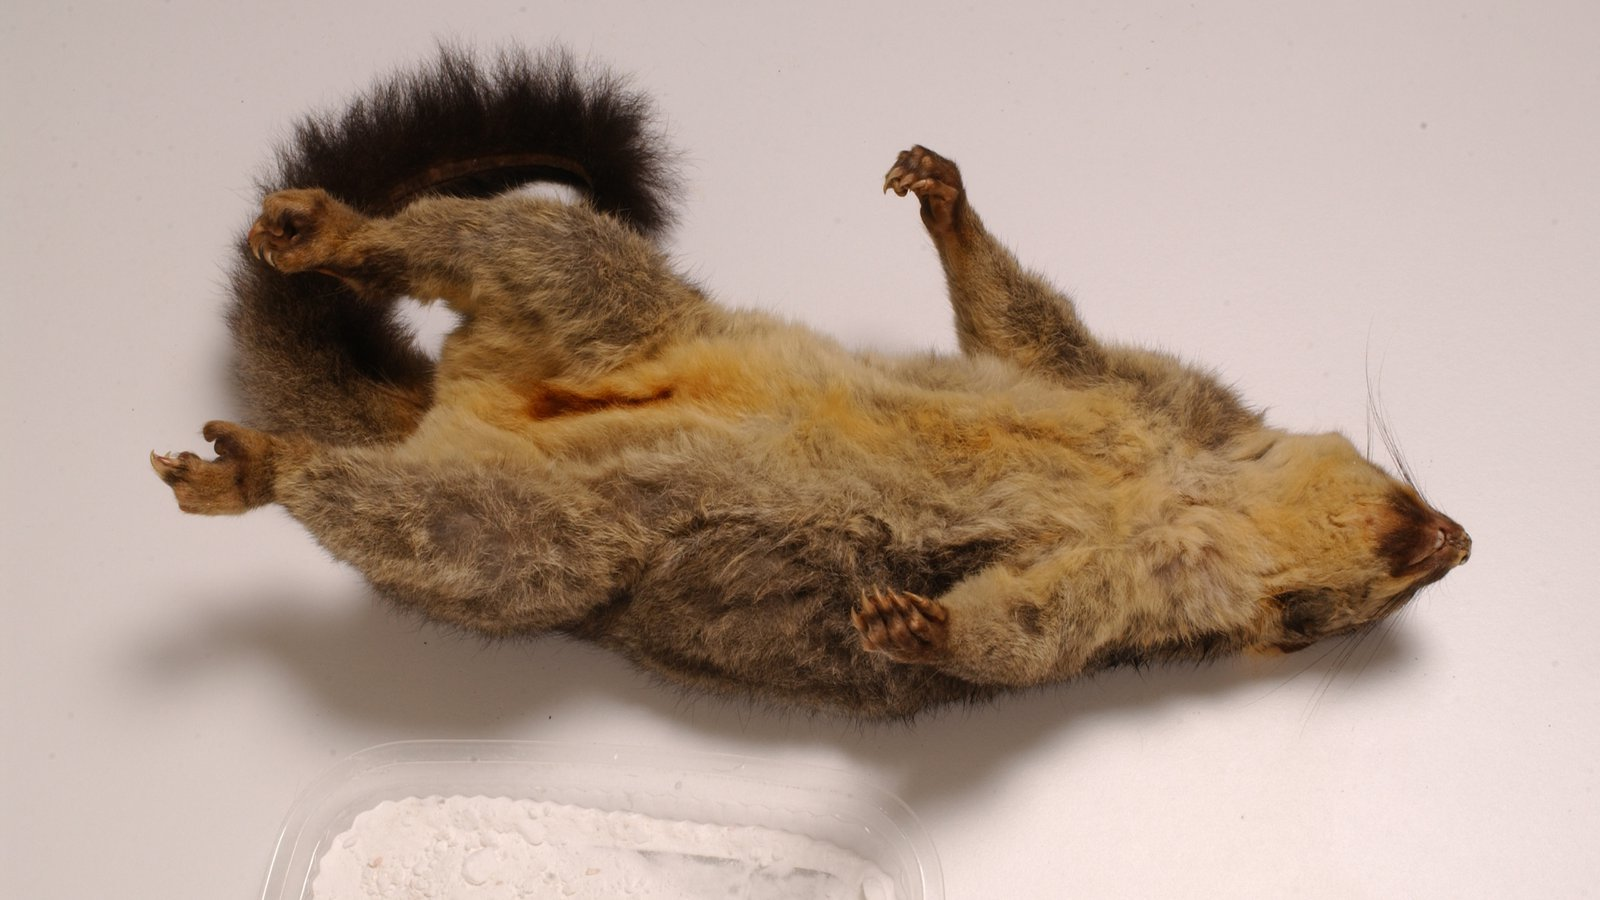 Brushtail Possum taxidermy